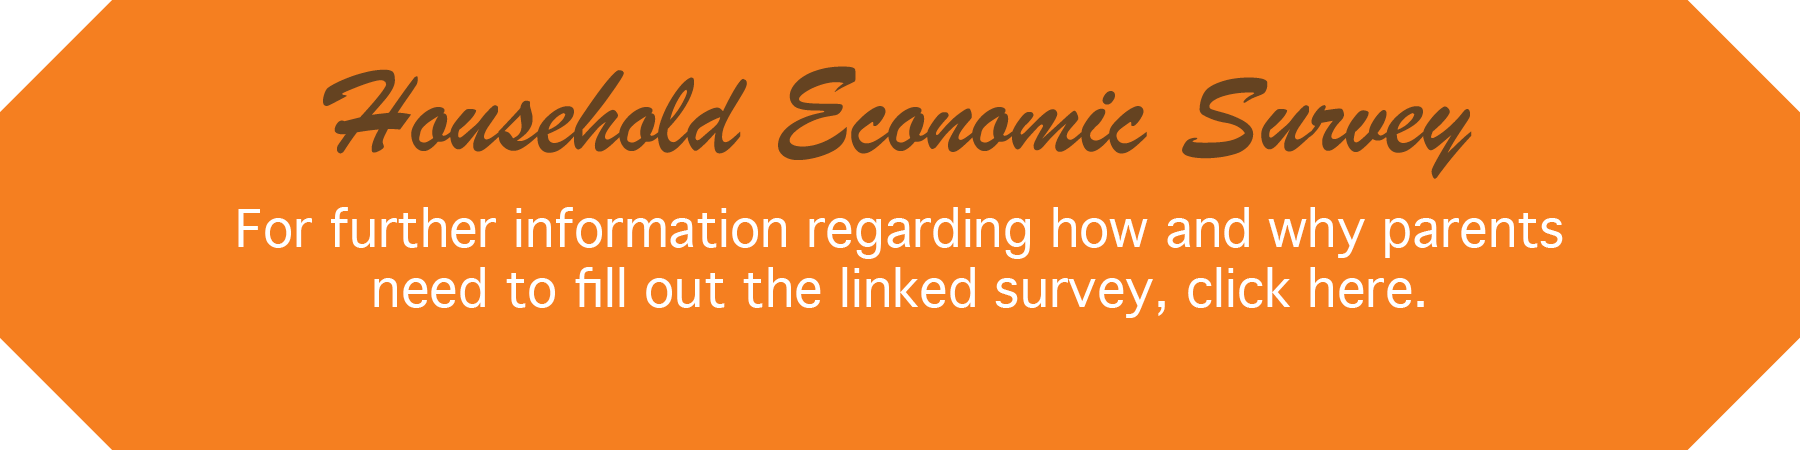 Household Economic Survey